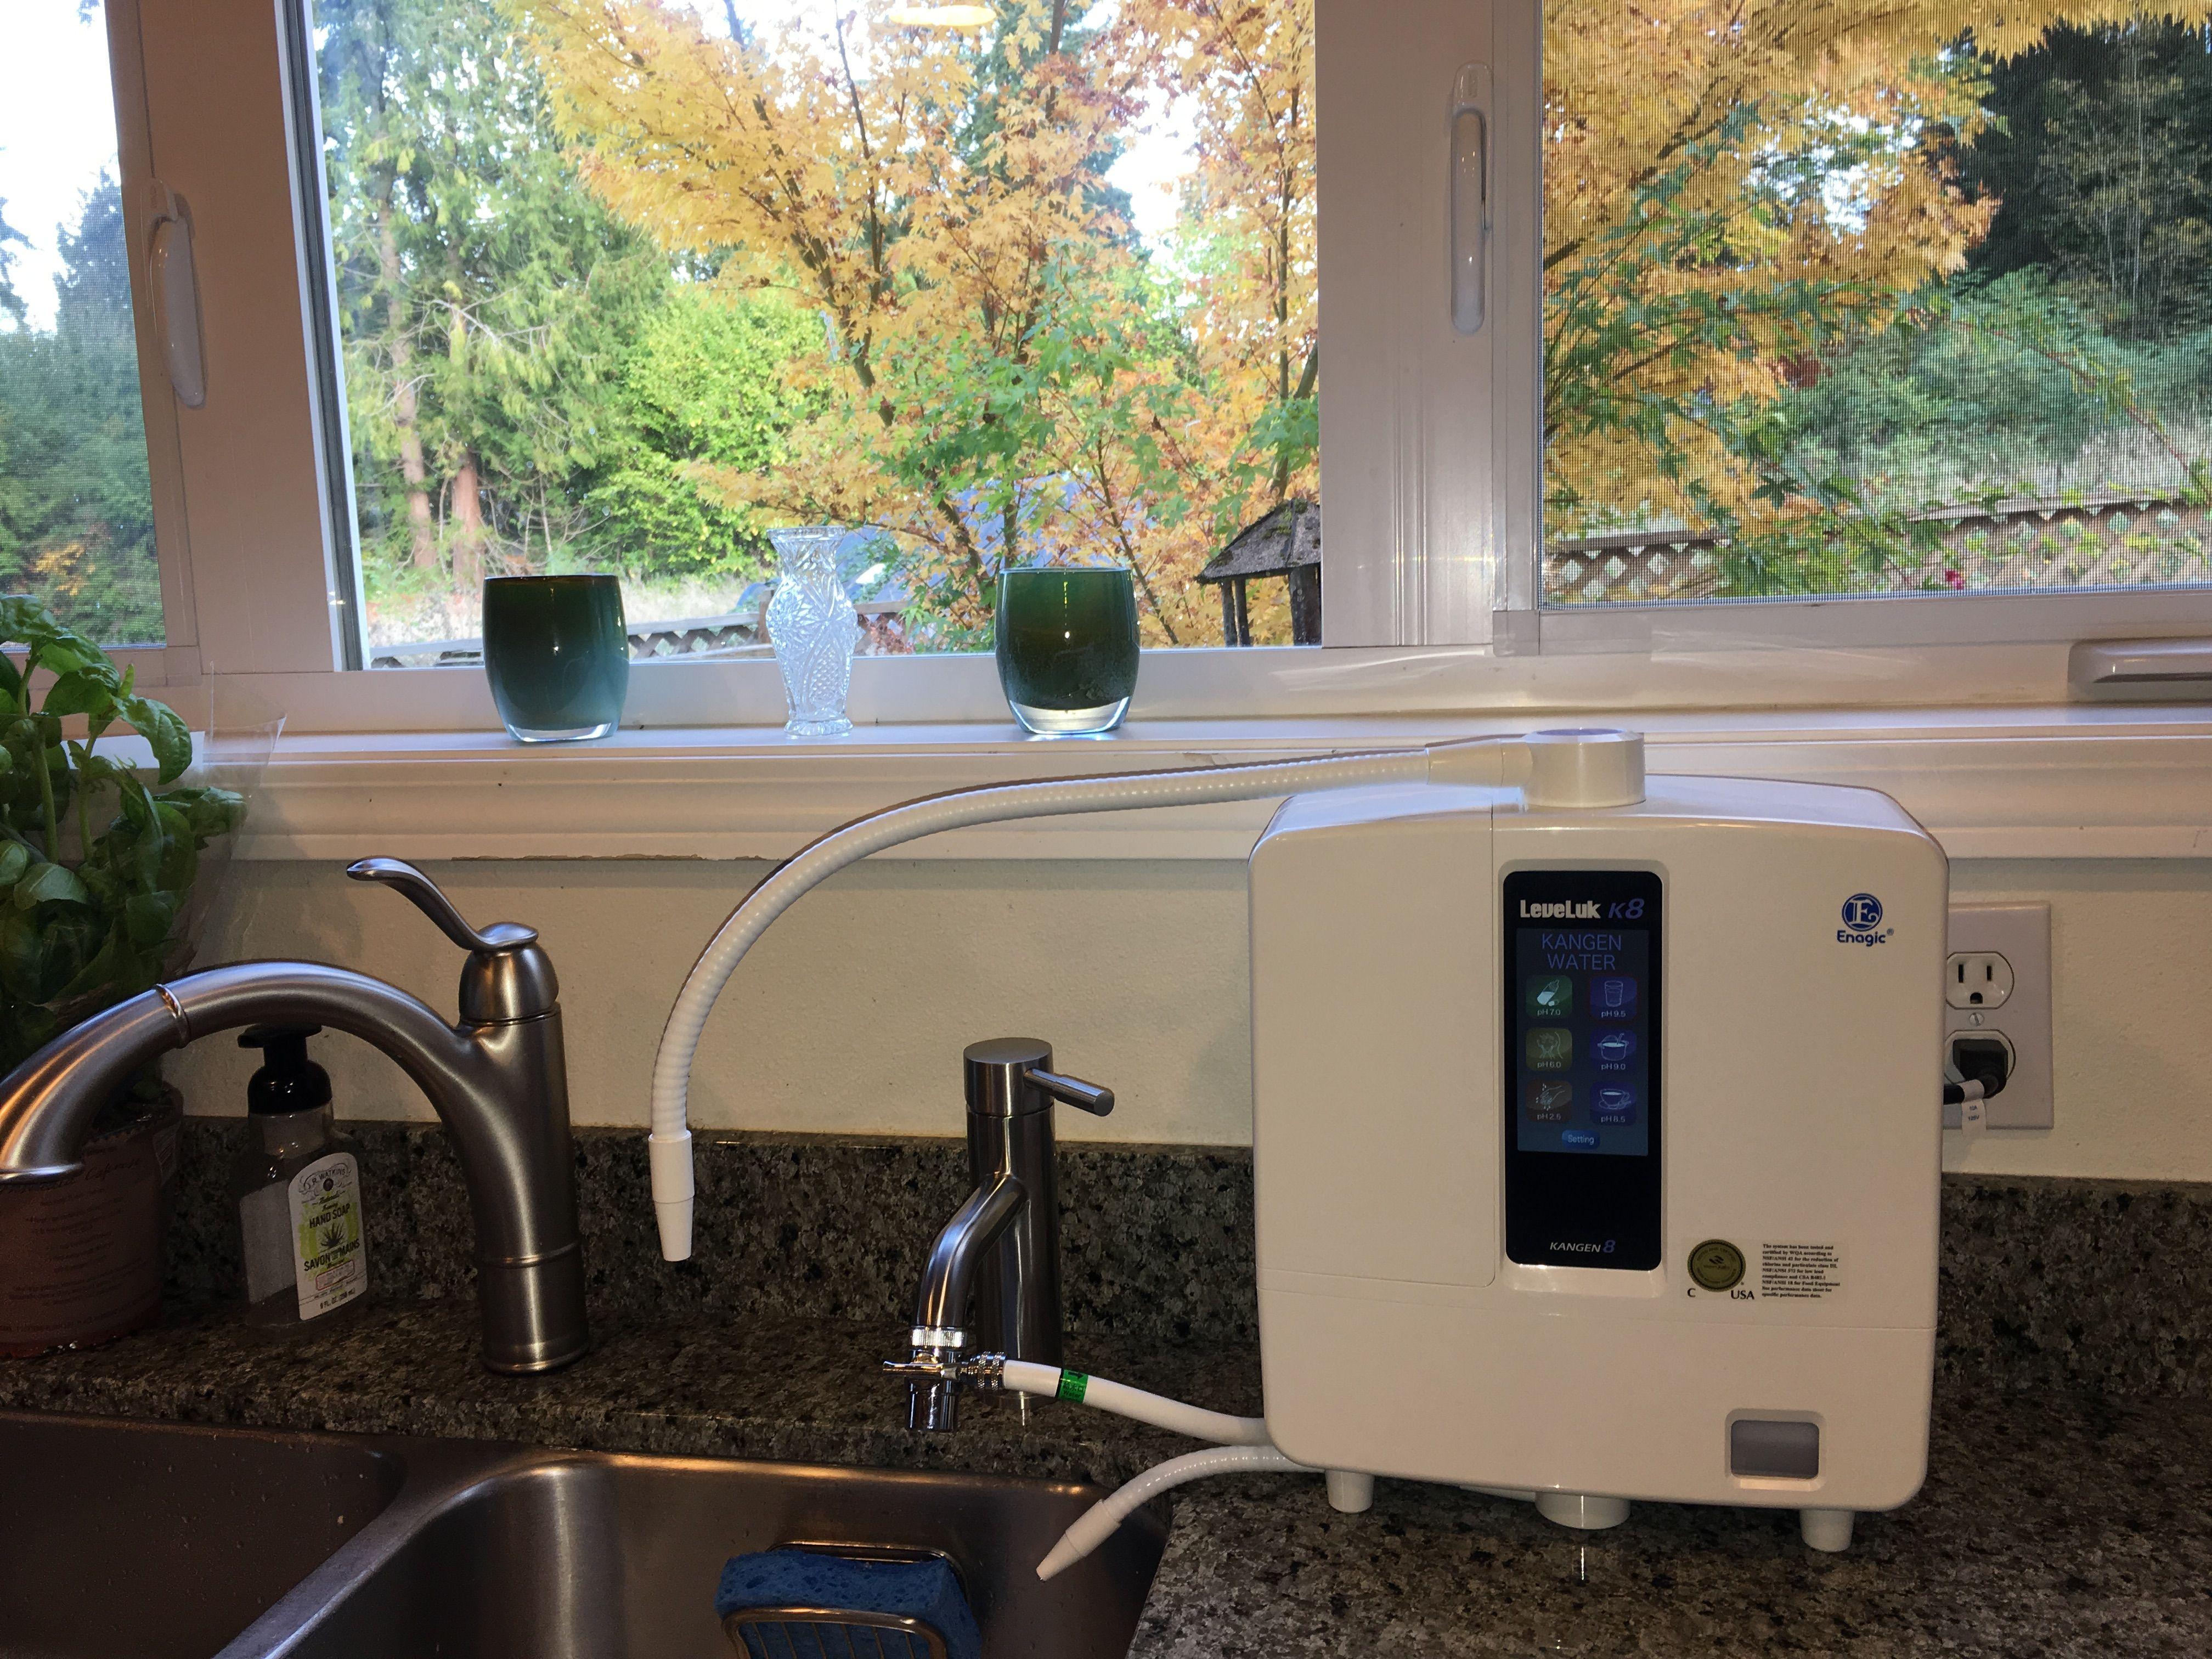 Kitchen Setup Enagic K8 Kangen Water Setup In Kitchen With Separate Faucet